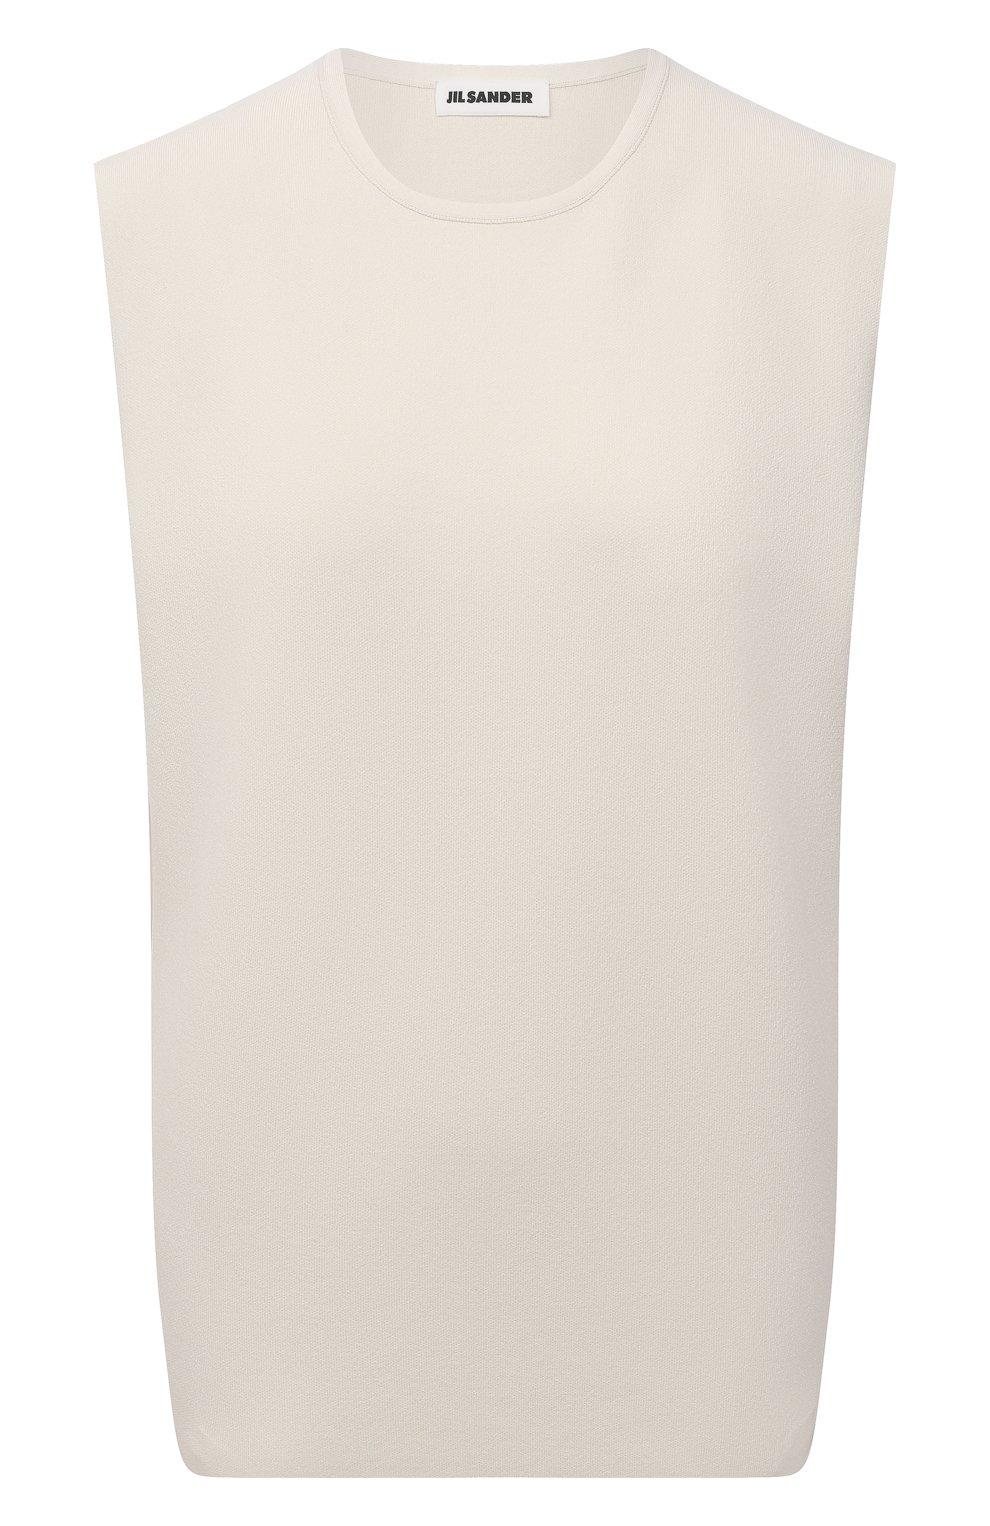 Женский топ из вискозы JIL SANDER светло-бежевого цвета, арт. JSWS754315-WSY39148   Фото 1 (Кросс-КТ: без рукавов; Длина (для топов): Стандартные; Материал внешний: Вискоза; Рукава: Без рукавов; Стили: Кэжуэл)